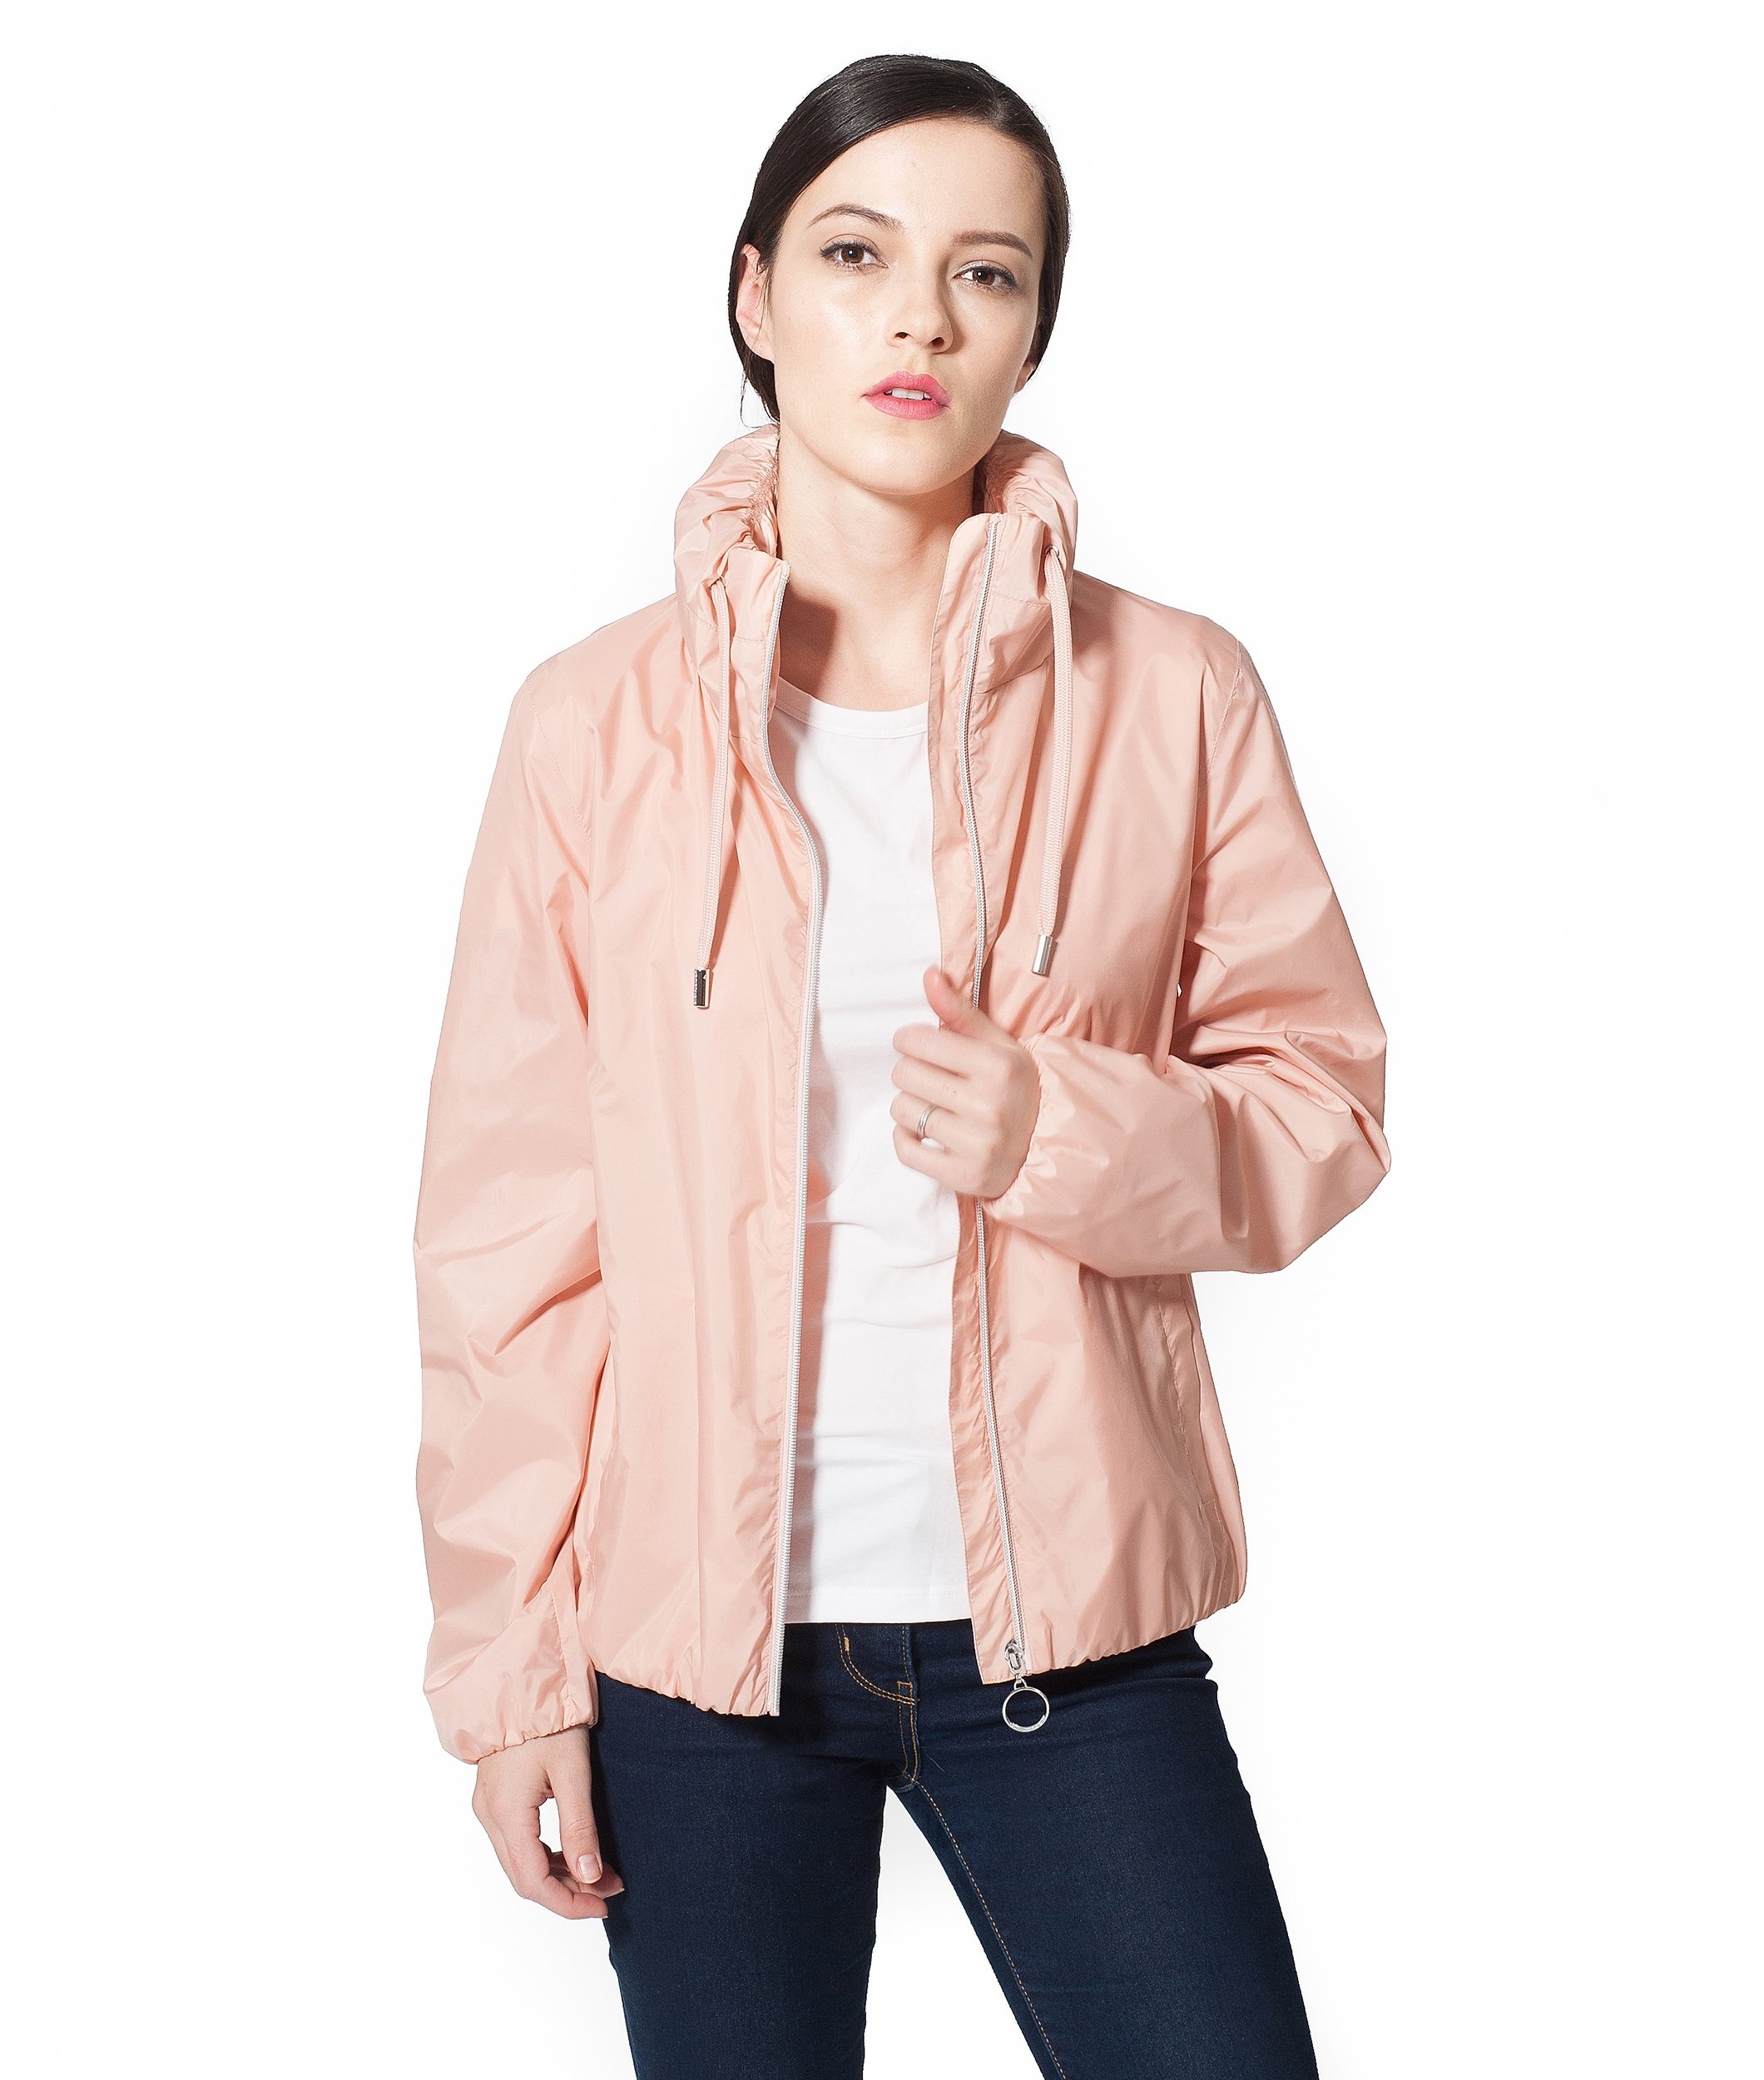 Rokka&Rolla Women's Lightweight Water Resistant Casual Active Sports Hooded Windbreaker Rain Jacket